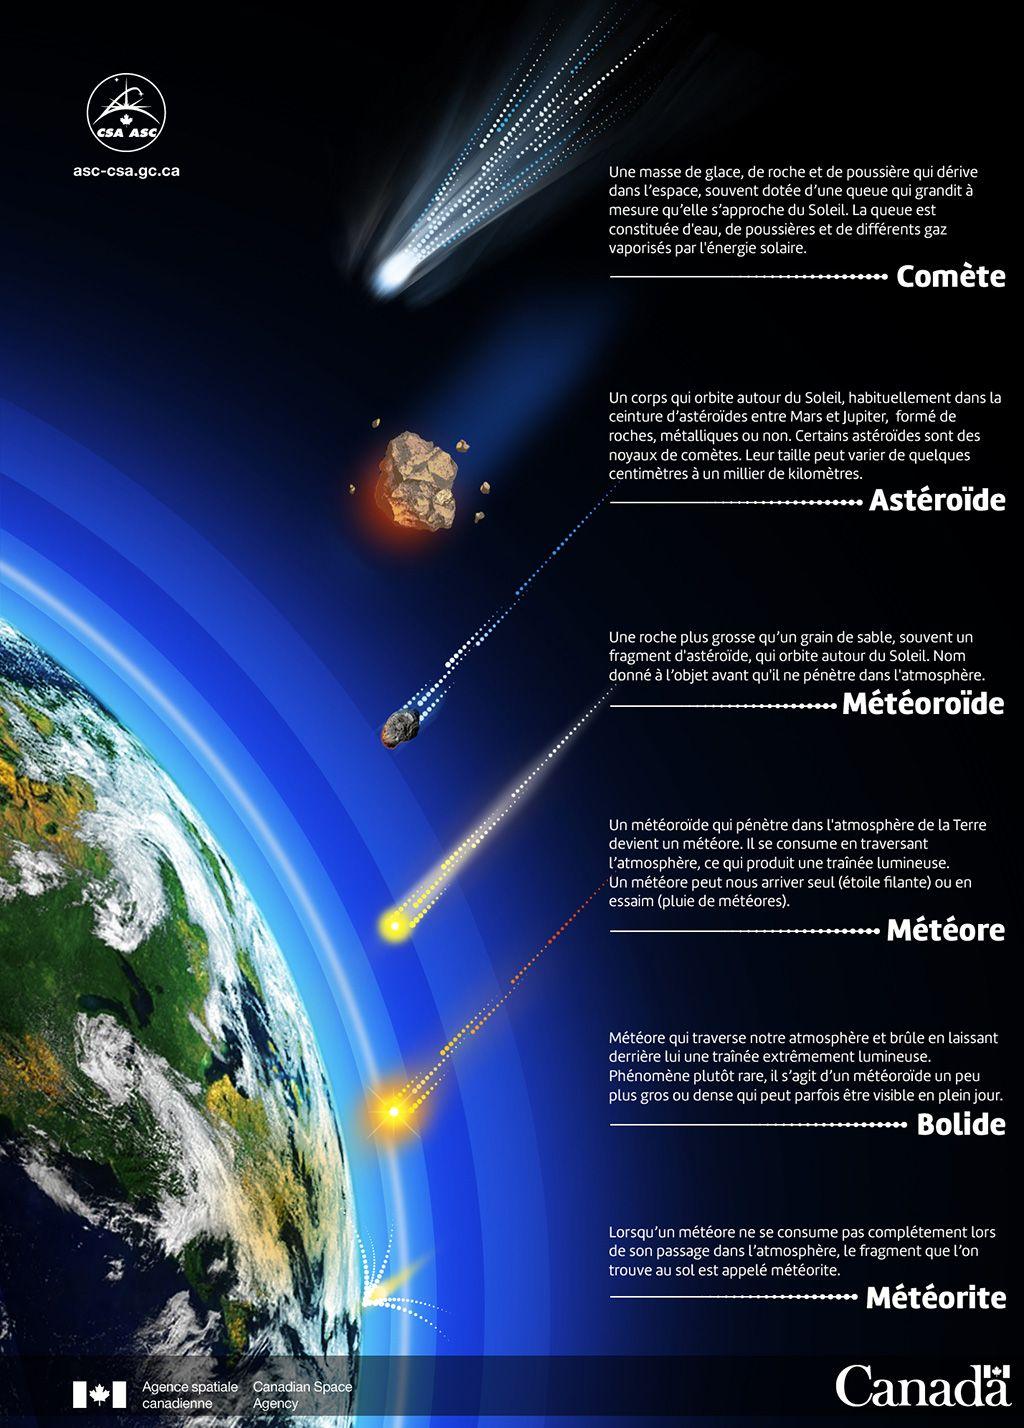 bebd890d07aa La menace des astéroïdes ou géocroiseurs - notre-planete.info